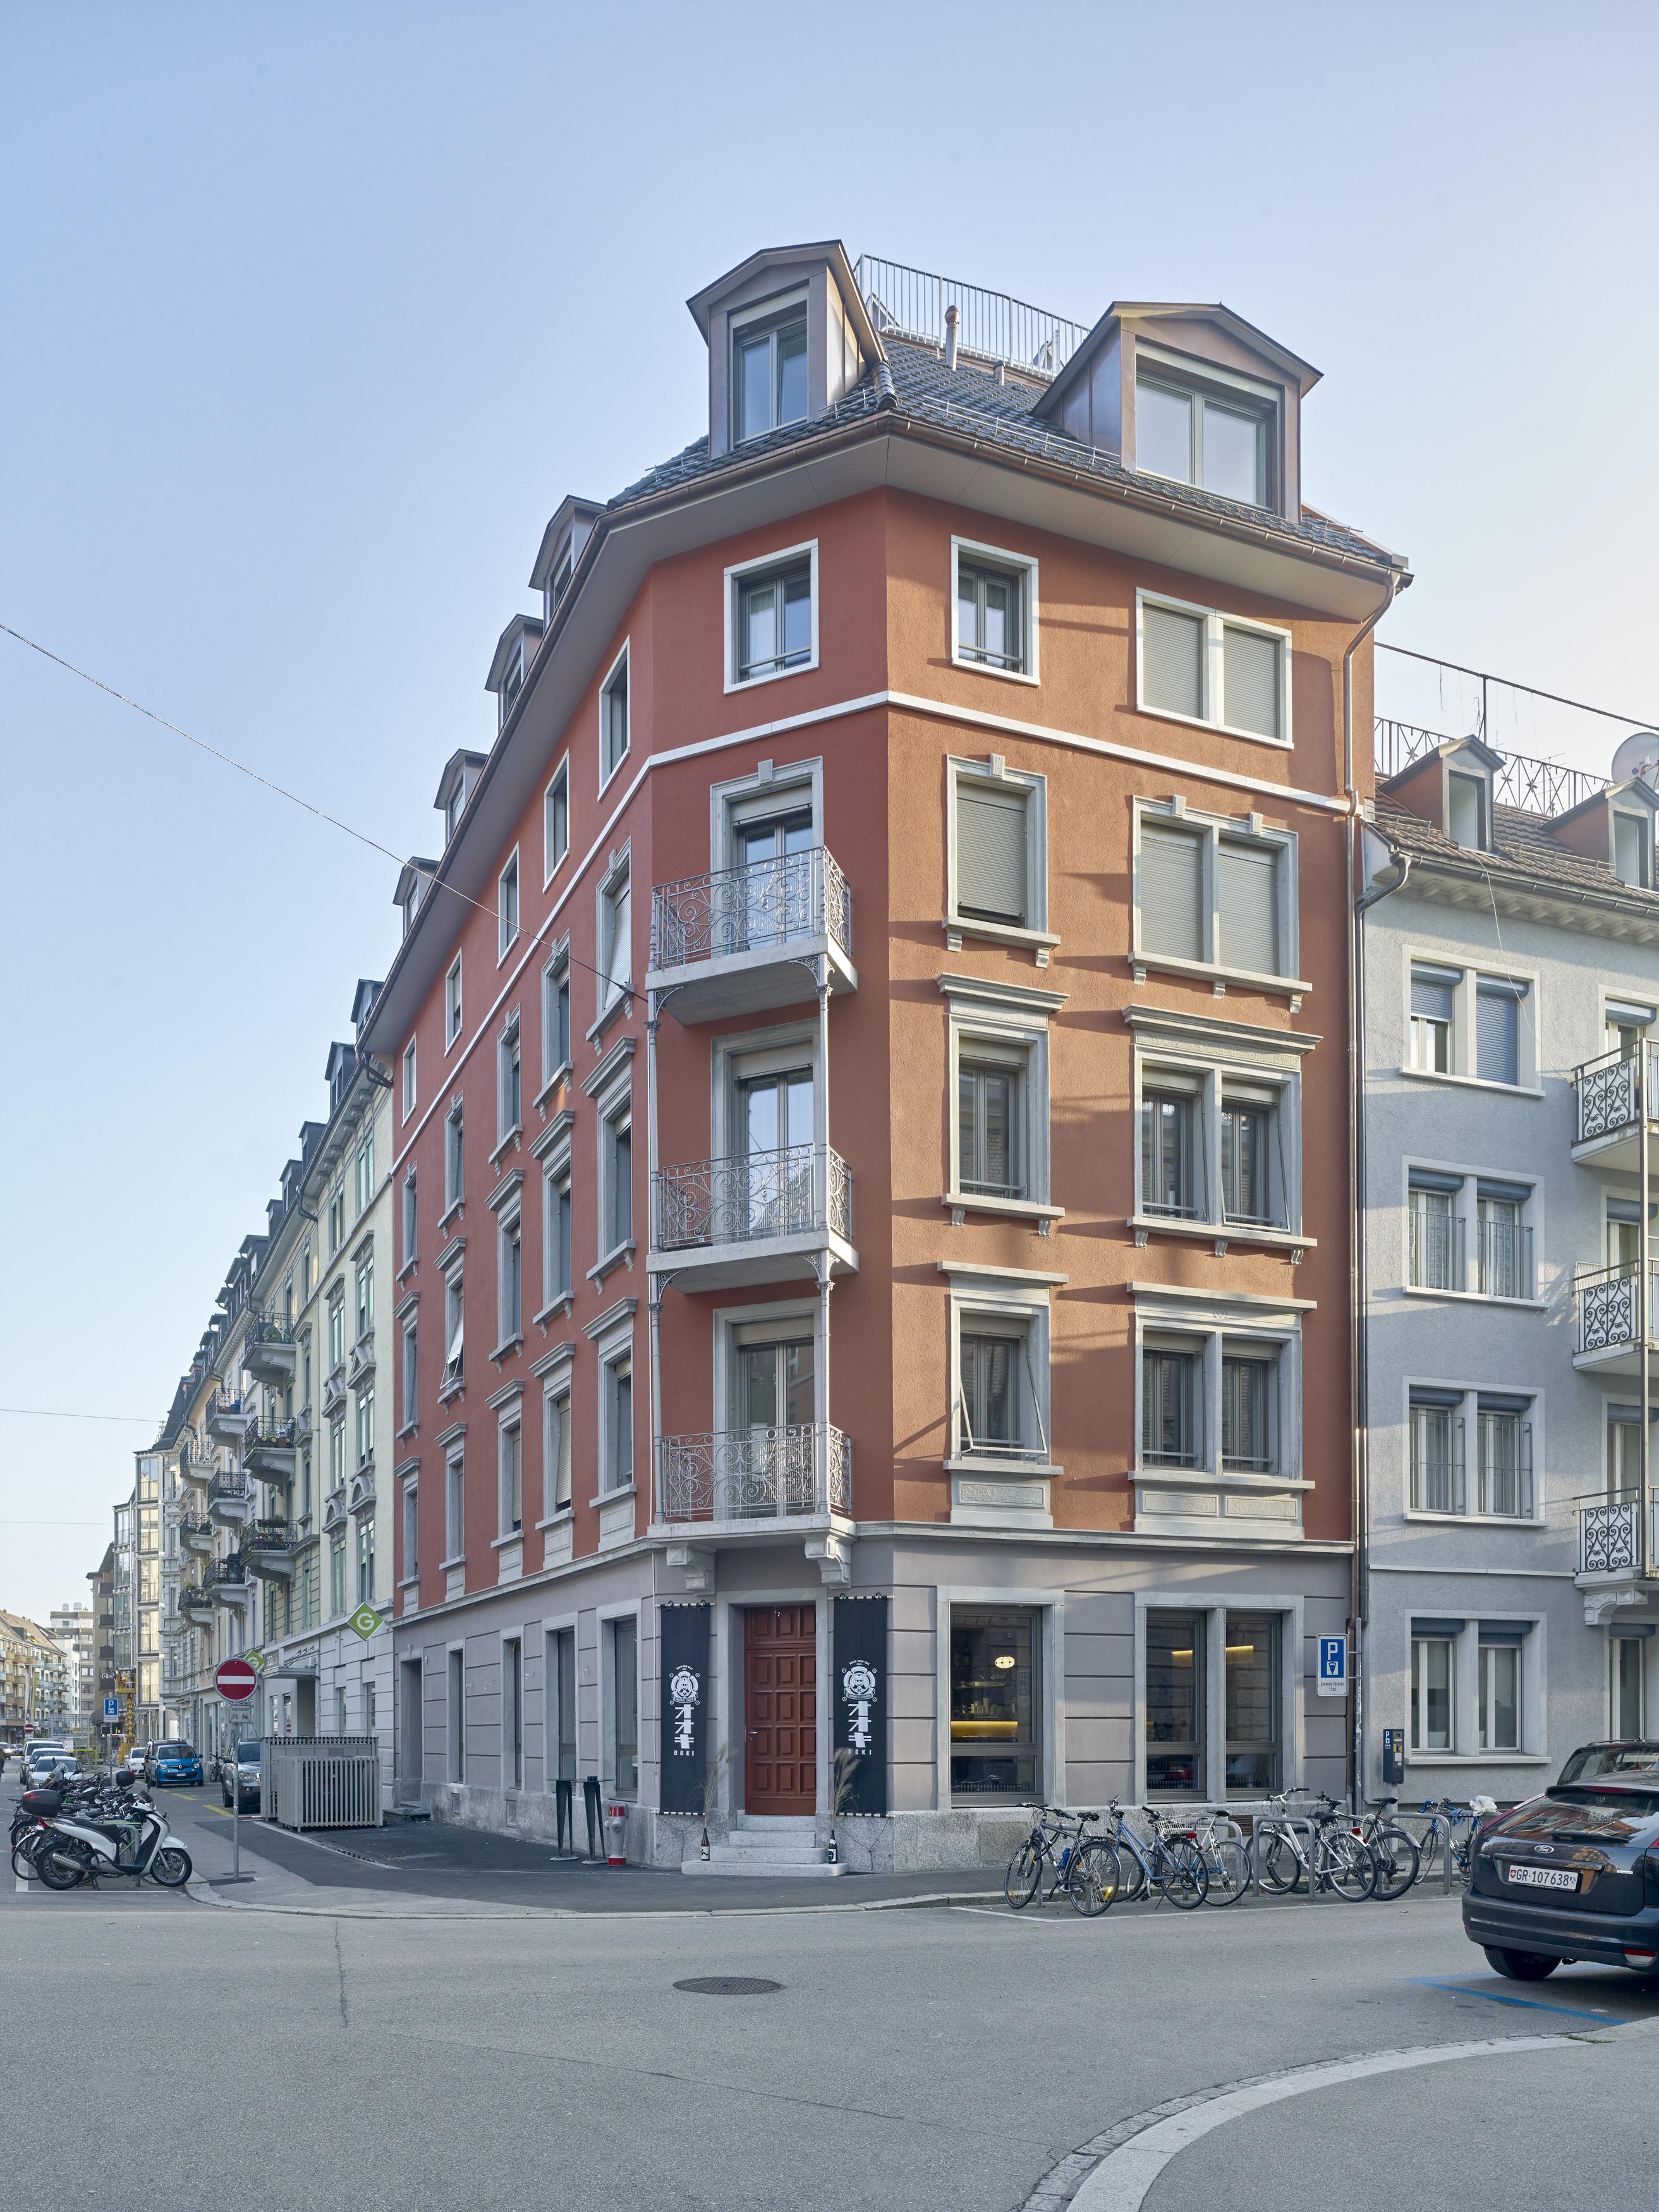 Schwarz architekten die zukunft nachhaltig bauen for Architektur basel